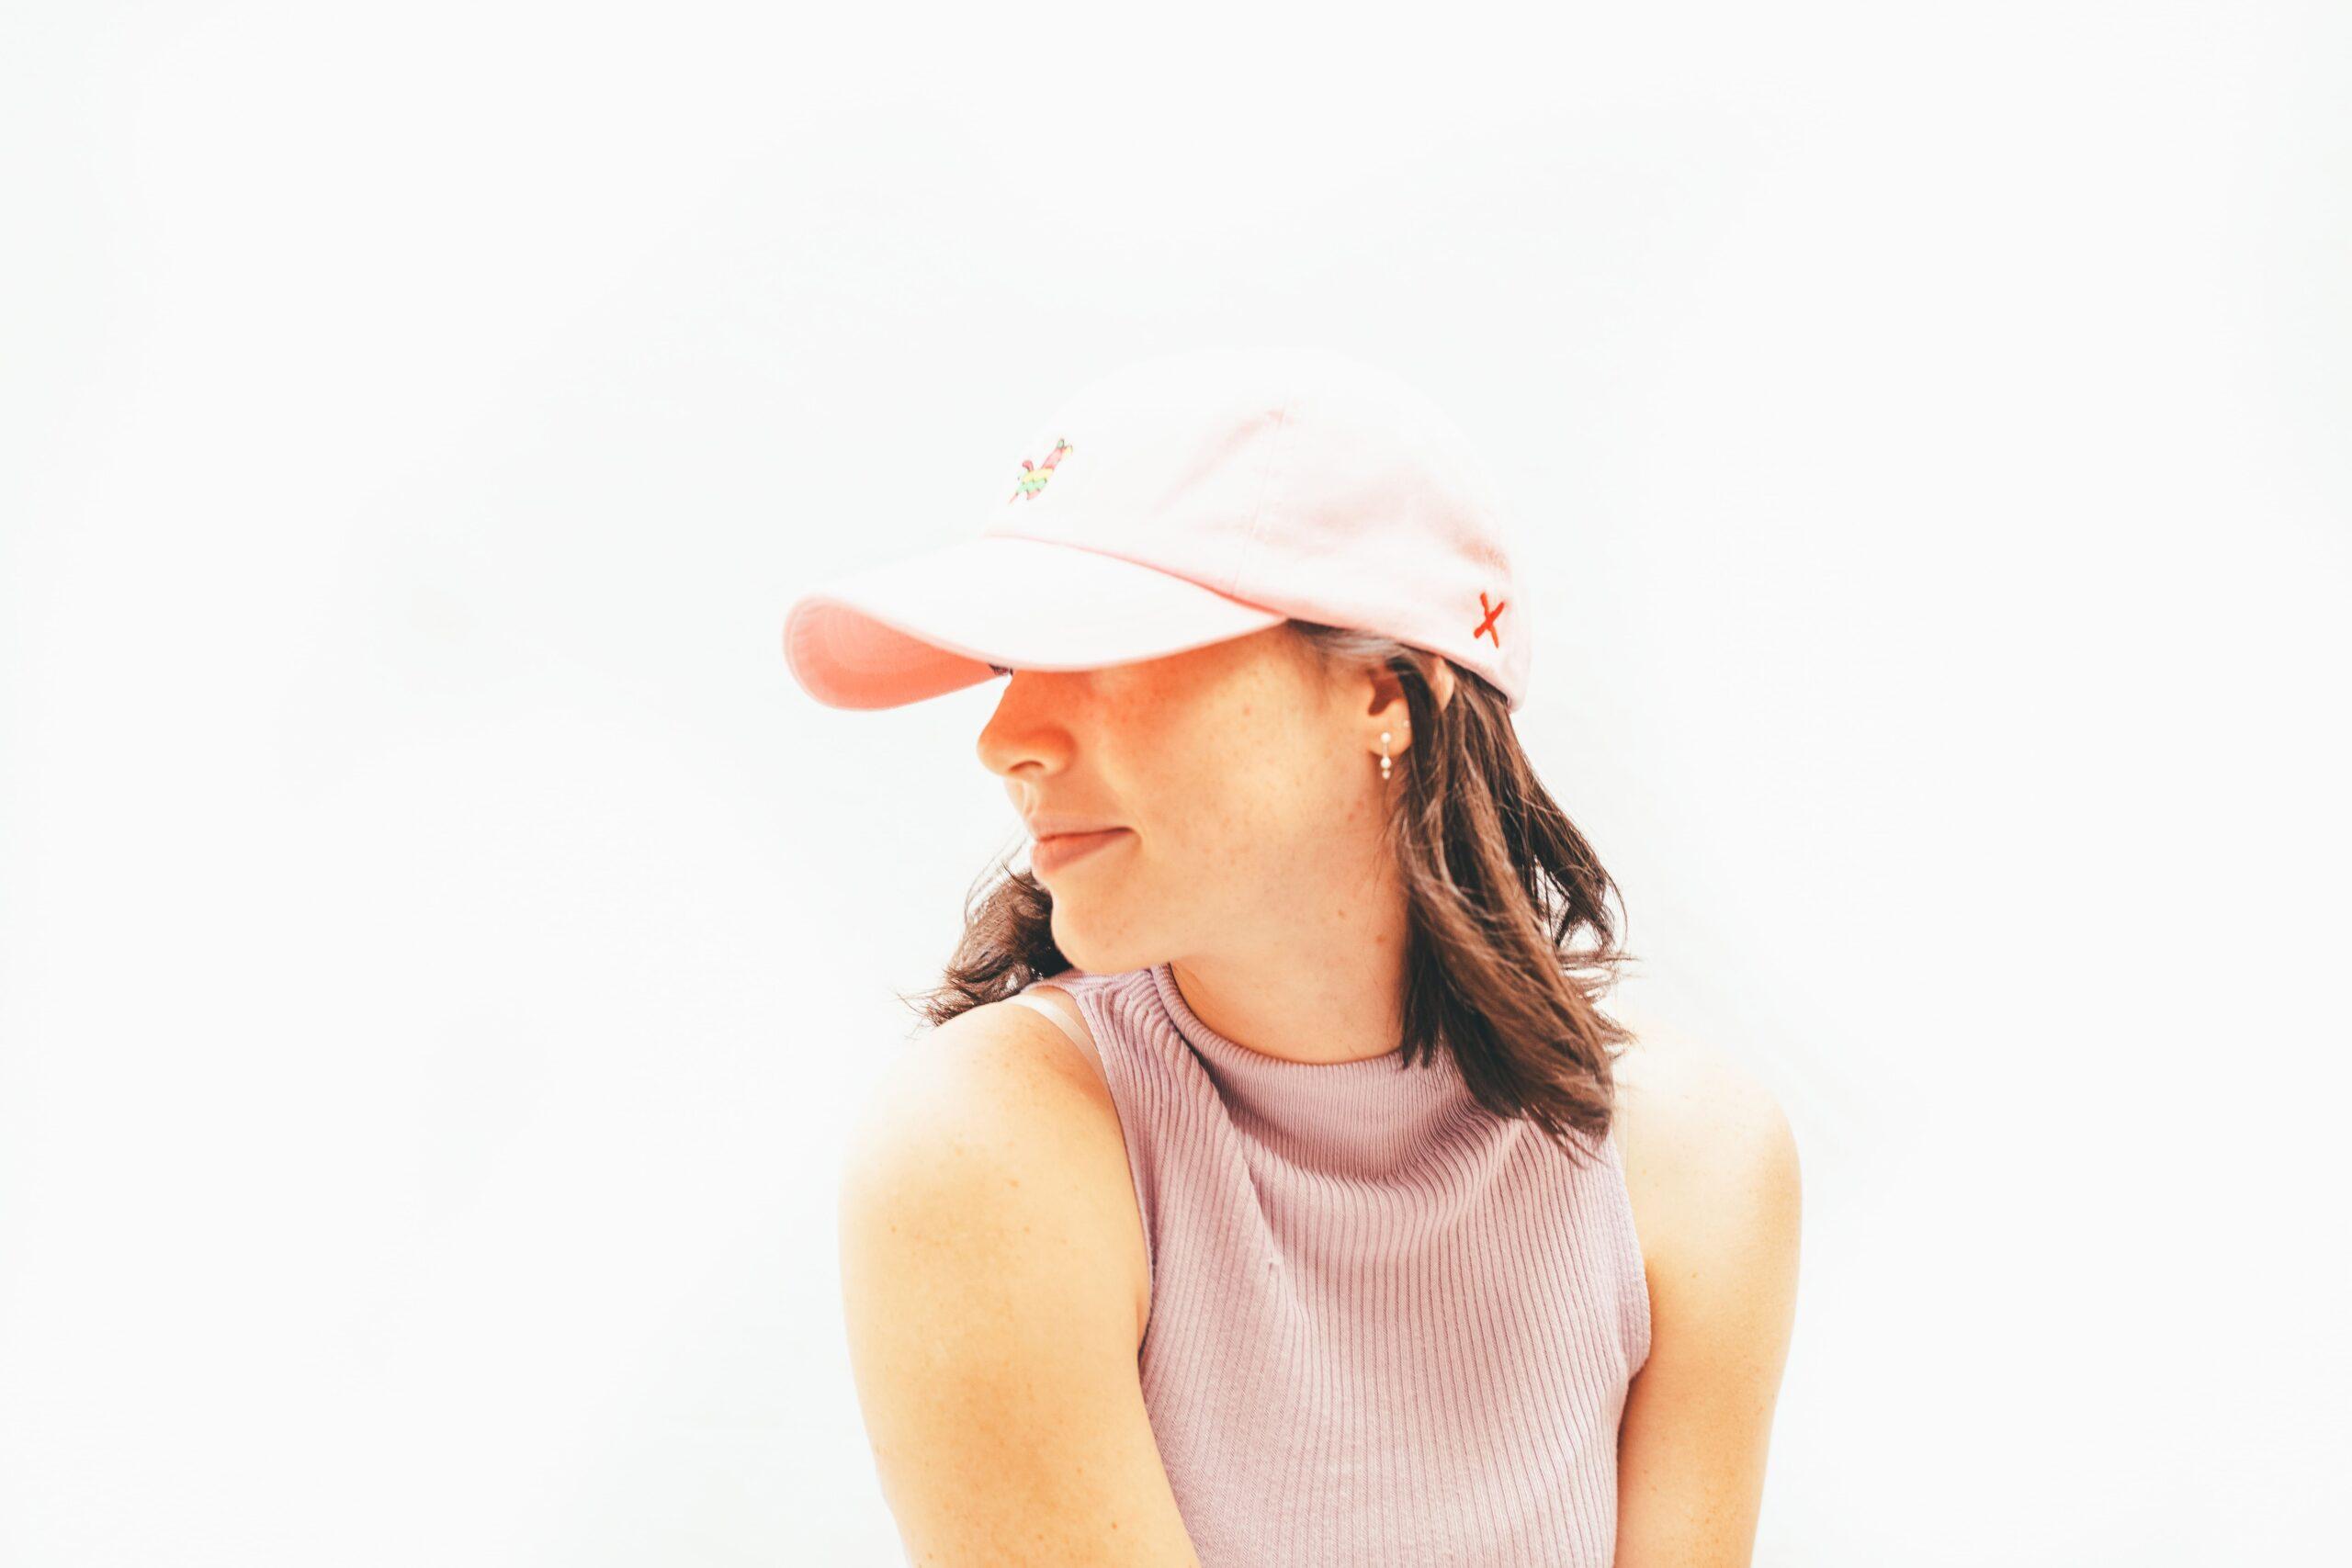 5-Tache-Gorras-Style-Hat-Pinchebesu-Pinche_Besu-Besu-Besugo-Fotografo-Fotografia-Foto-Portrait-Ropa-Retrato-Photography-Photographer-Mexico-2021